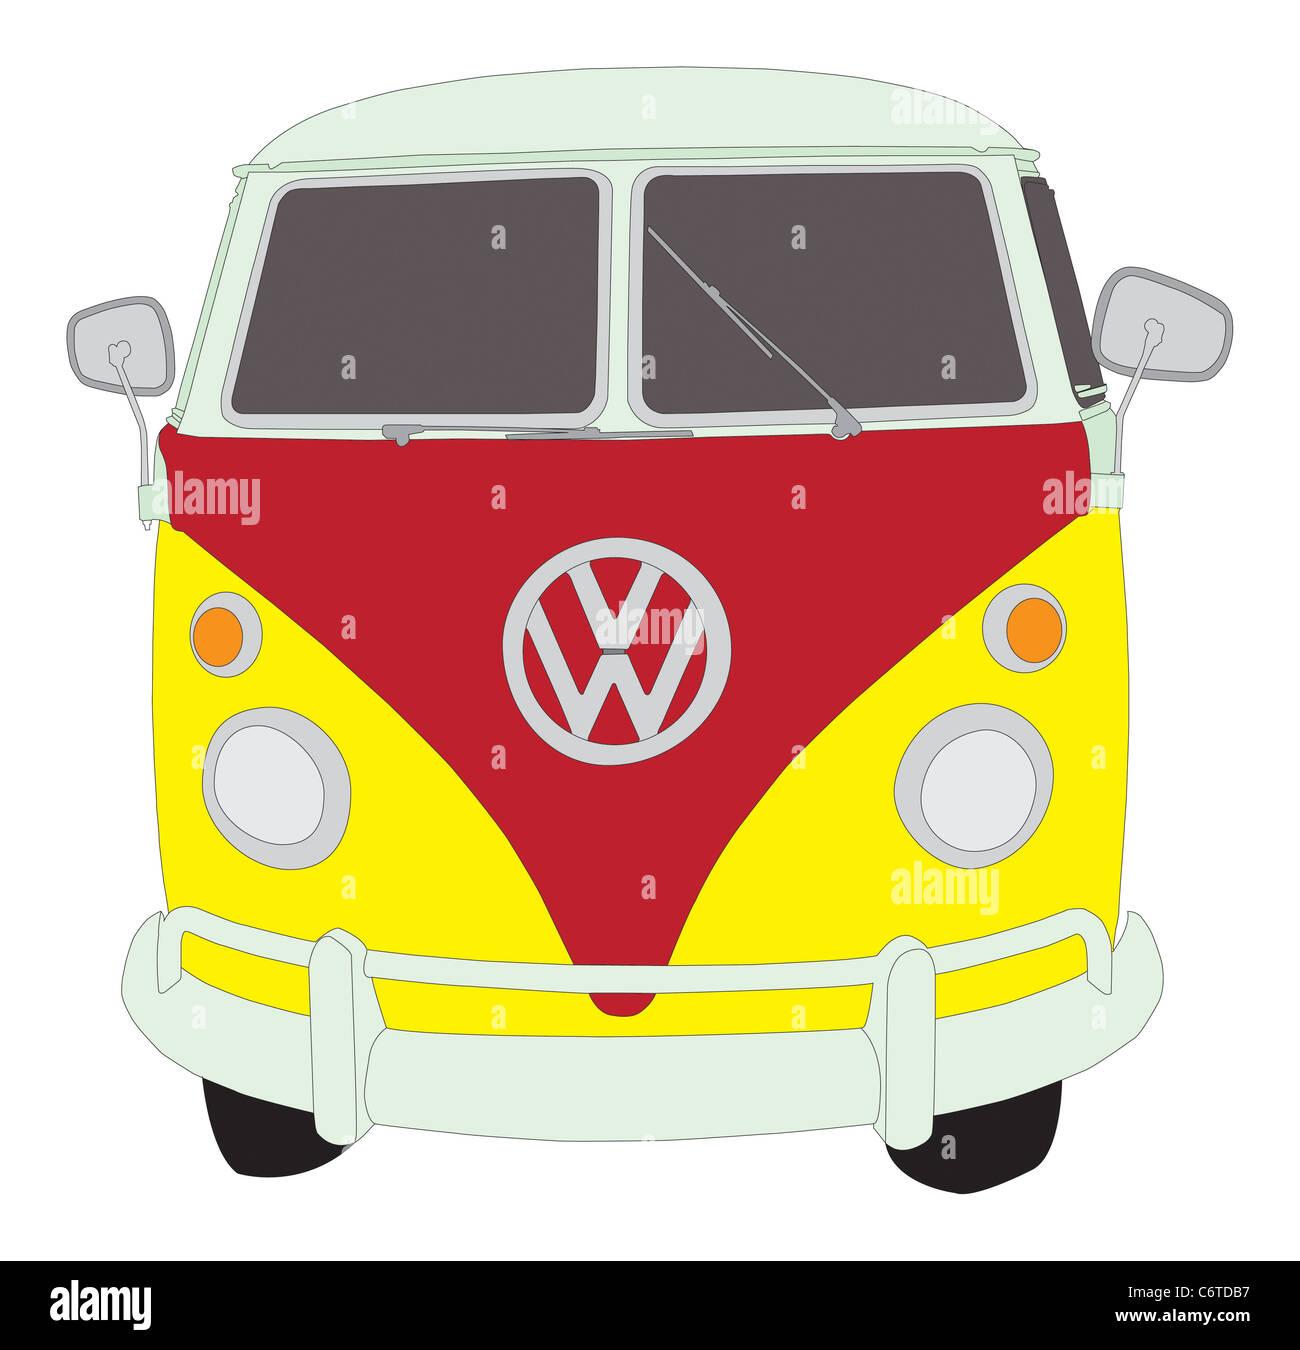 VW camioneta Volkswagen Foto de stock